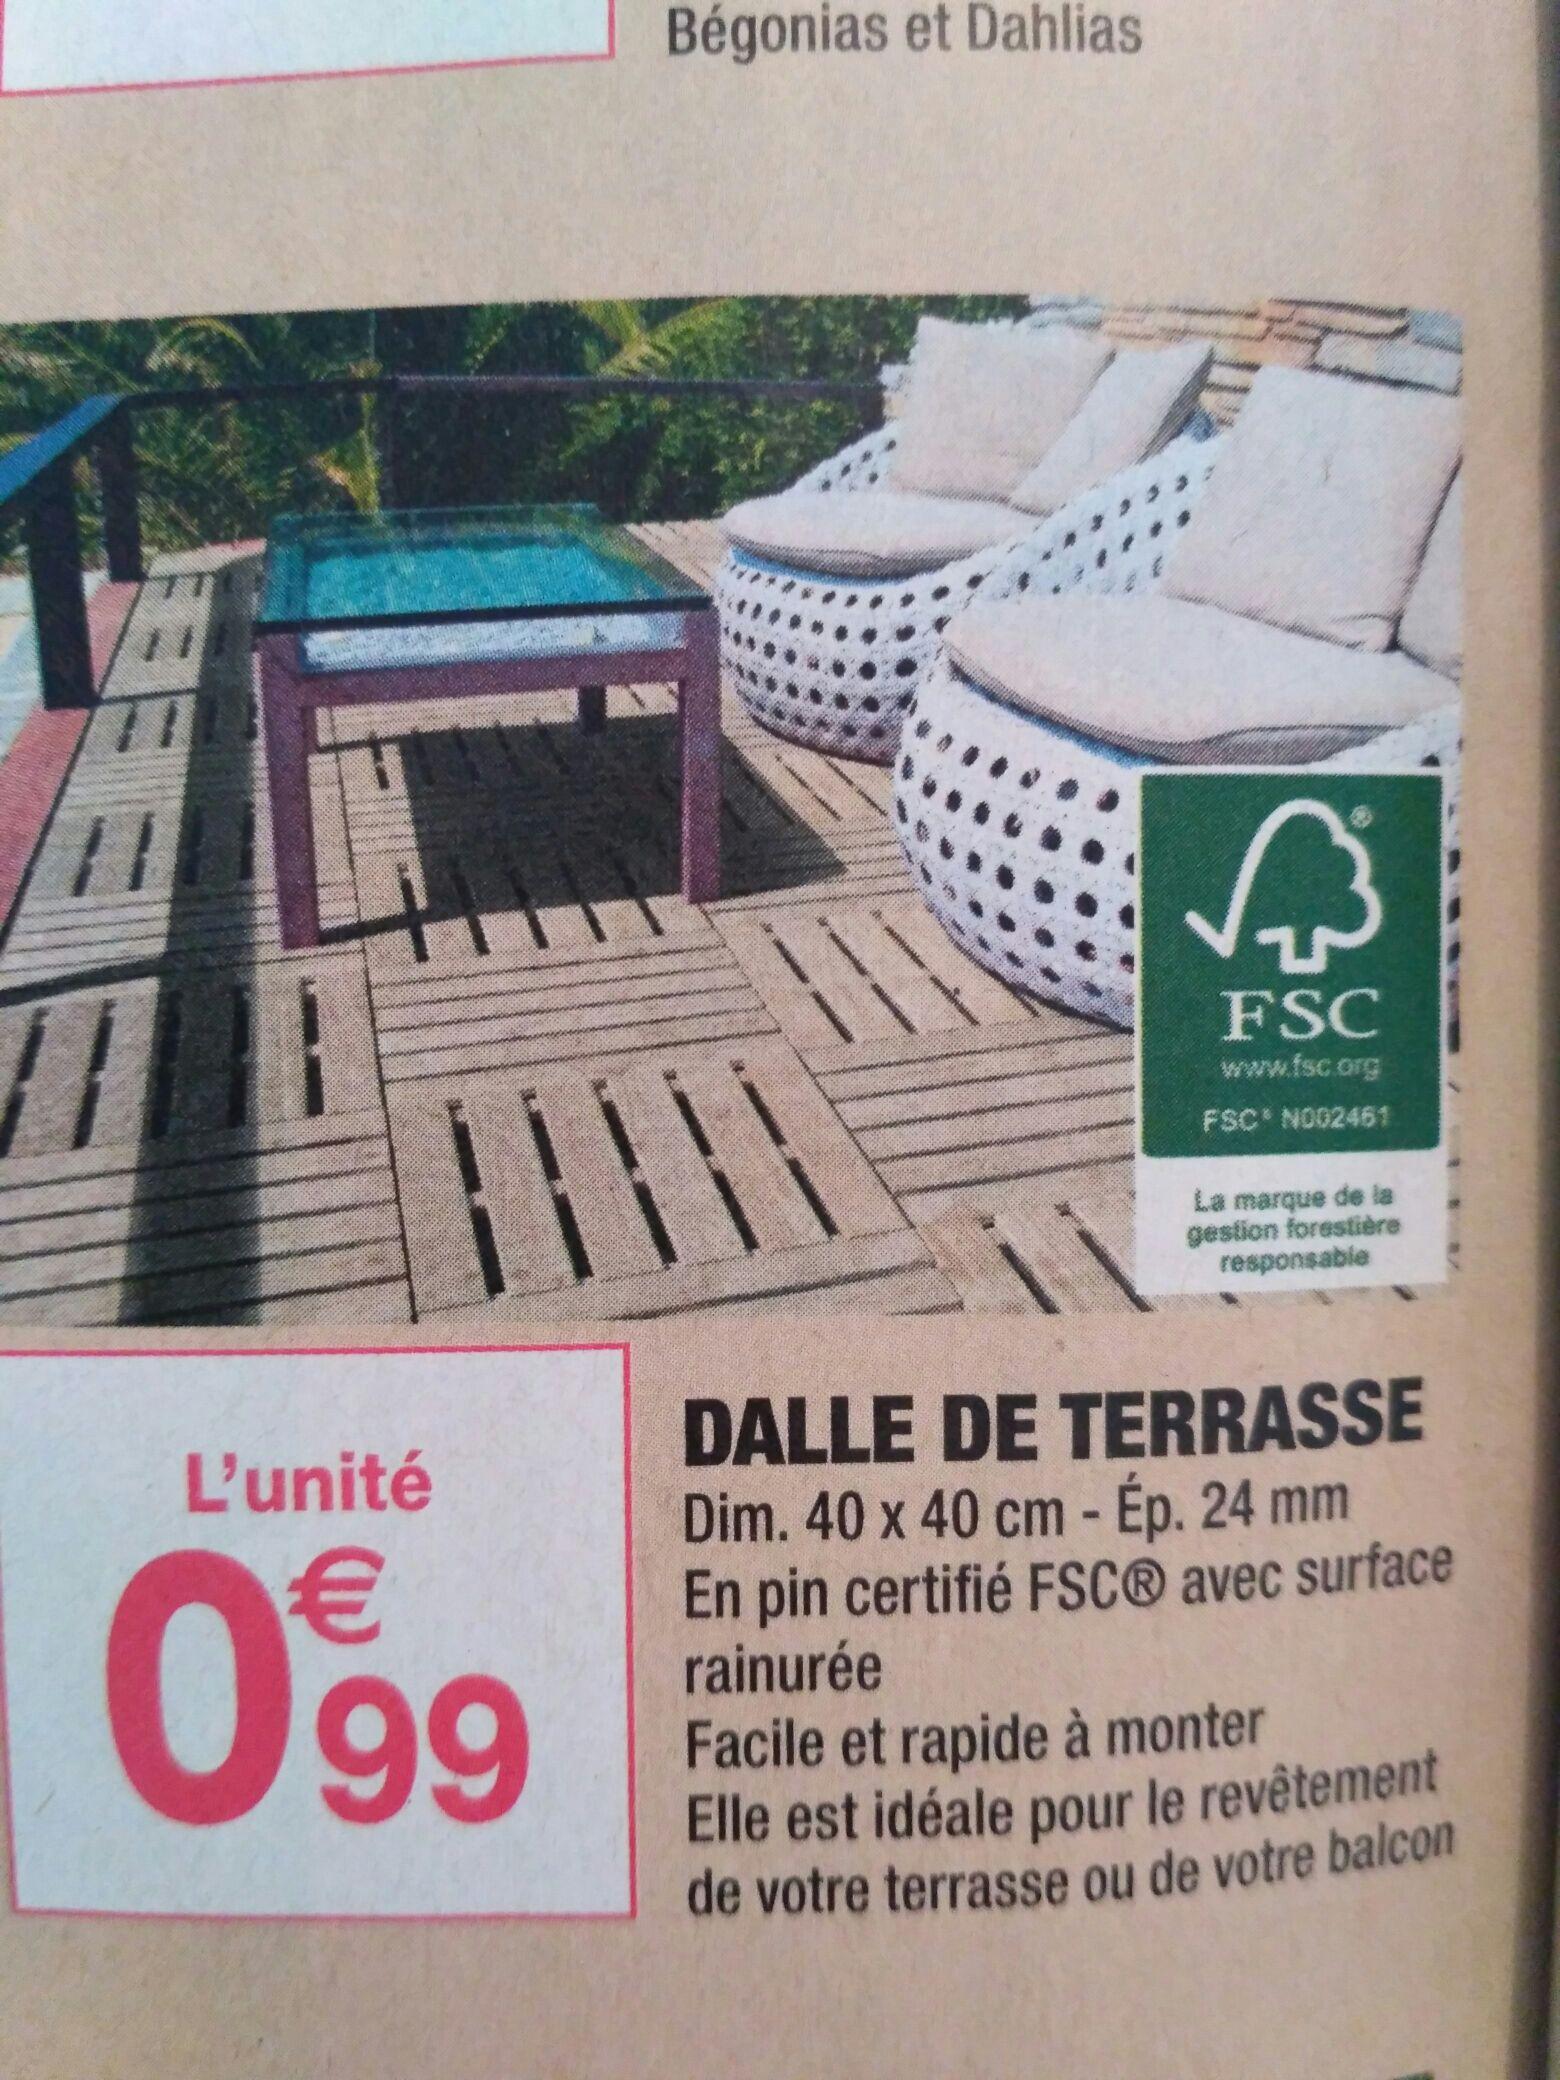 Dalle de terrasse en bois 40x40cm